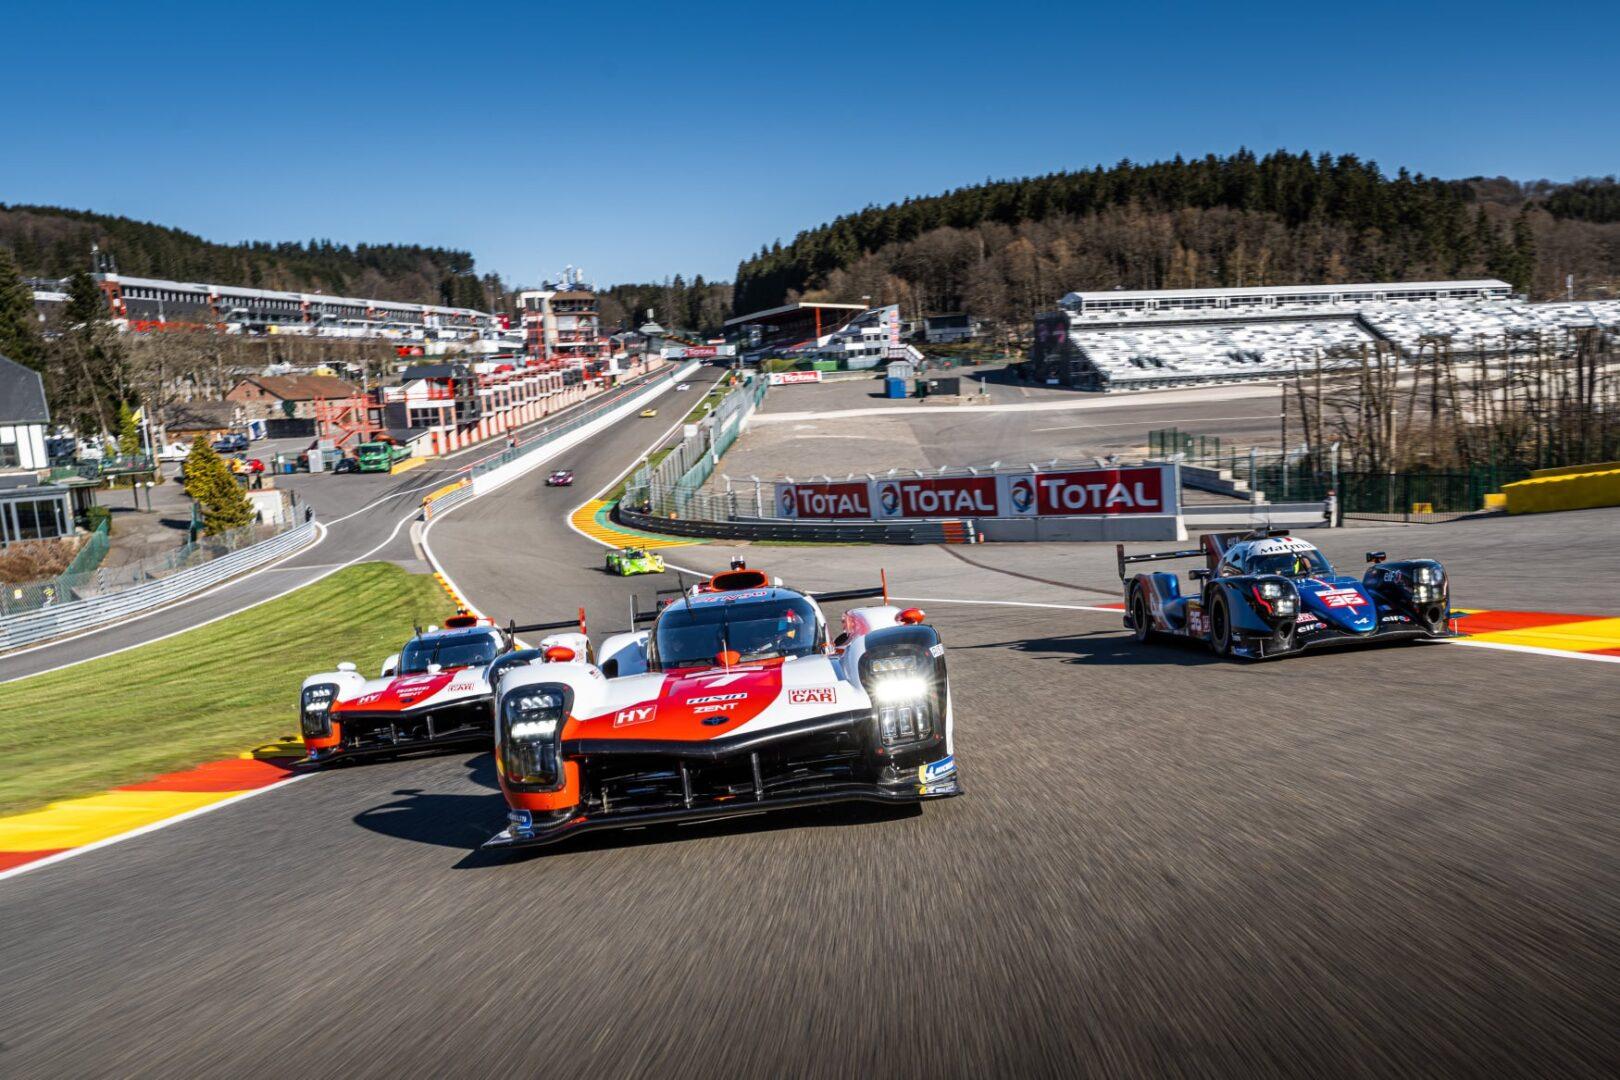 La 8 ore di Portimao si preannuncia ancora più competitiva della gara Belga!